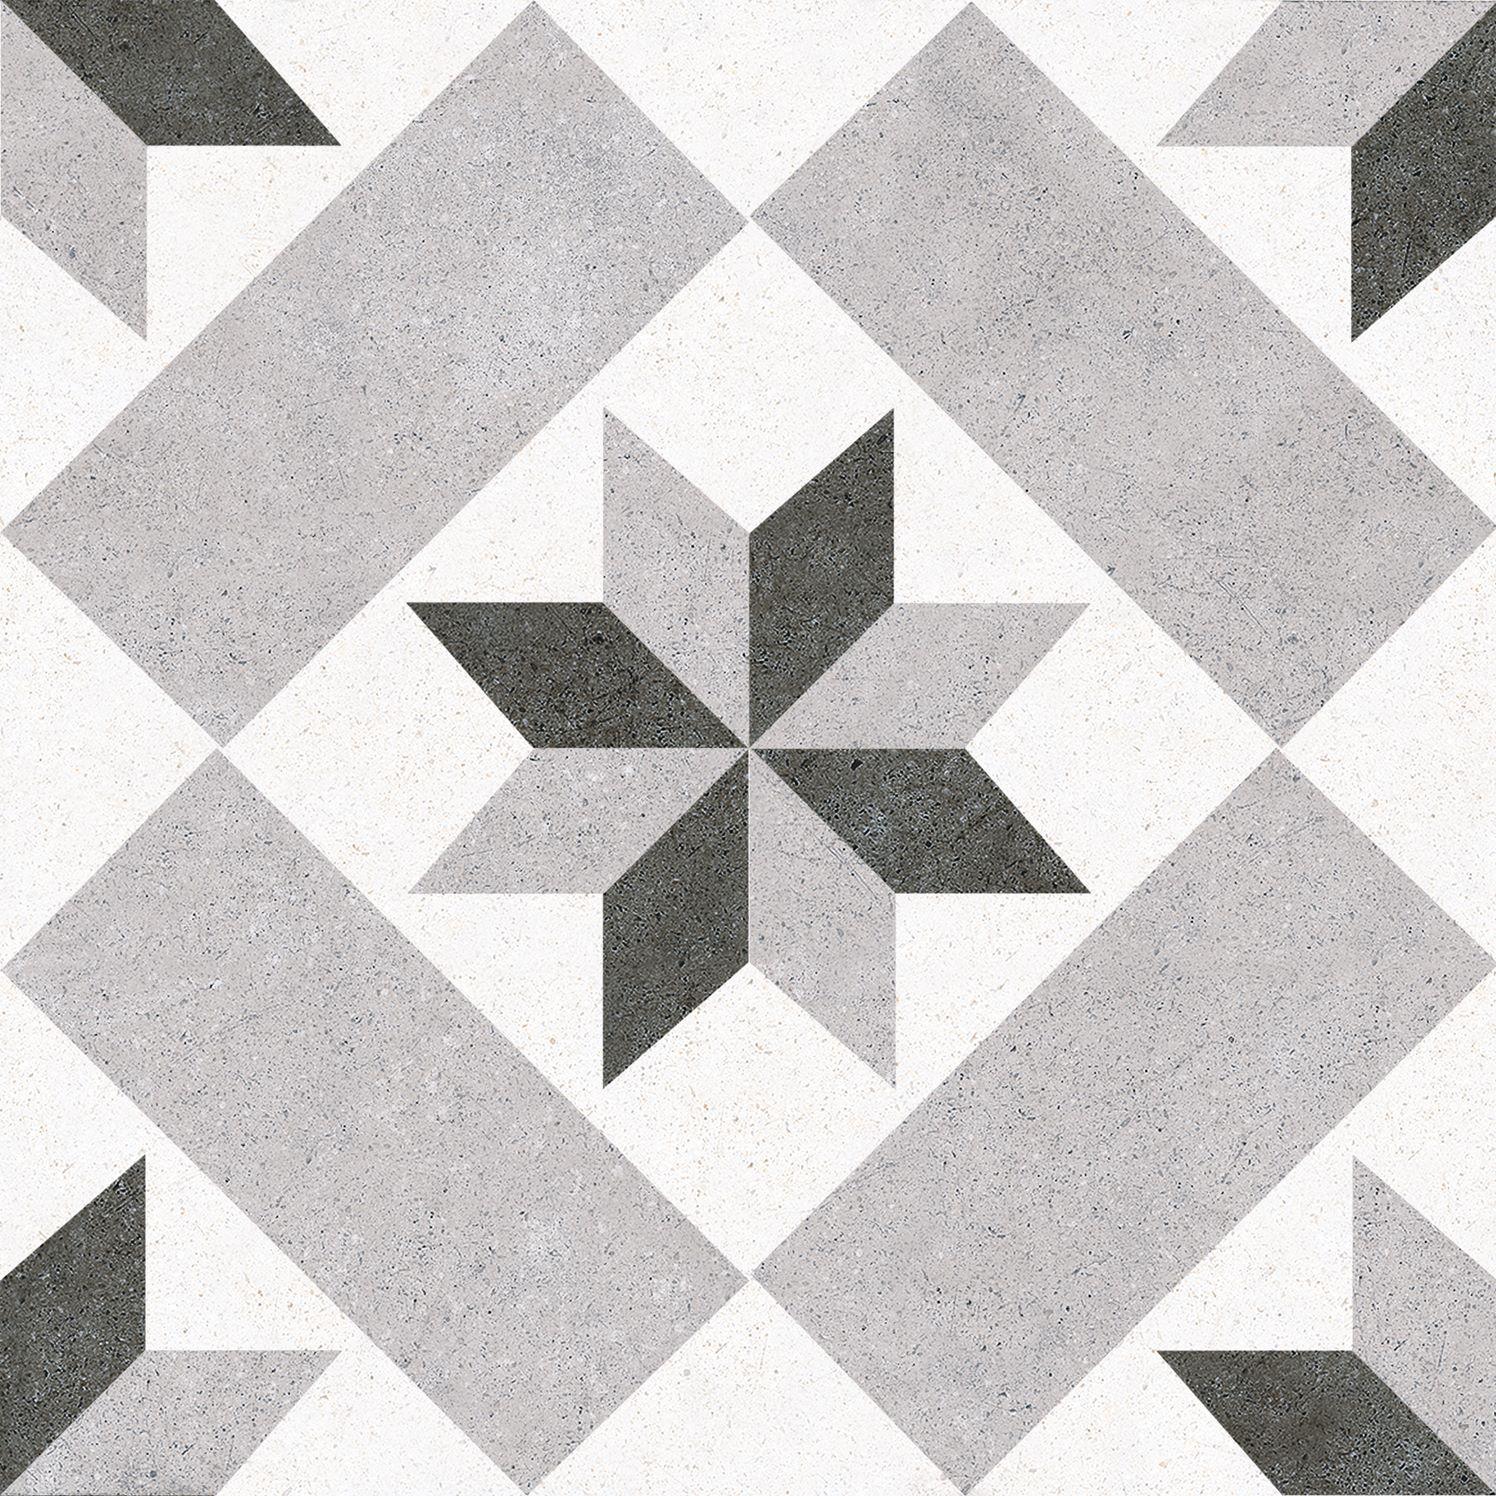 6.0020.21  Codicer Retrofliese / Feinsteinzeug VINTAGE STAR GREY